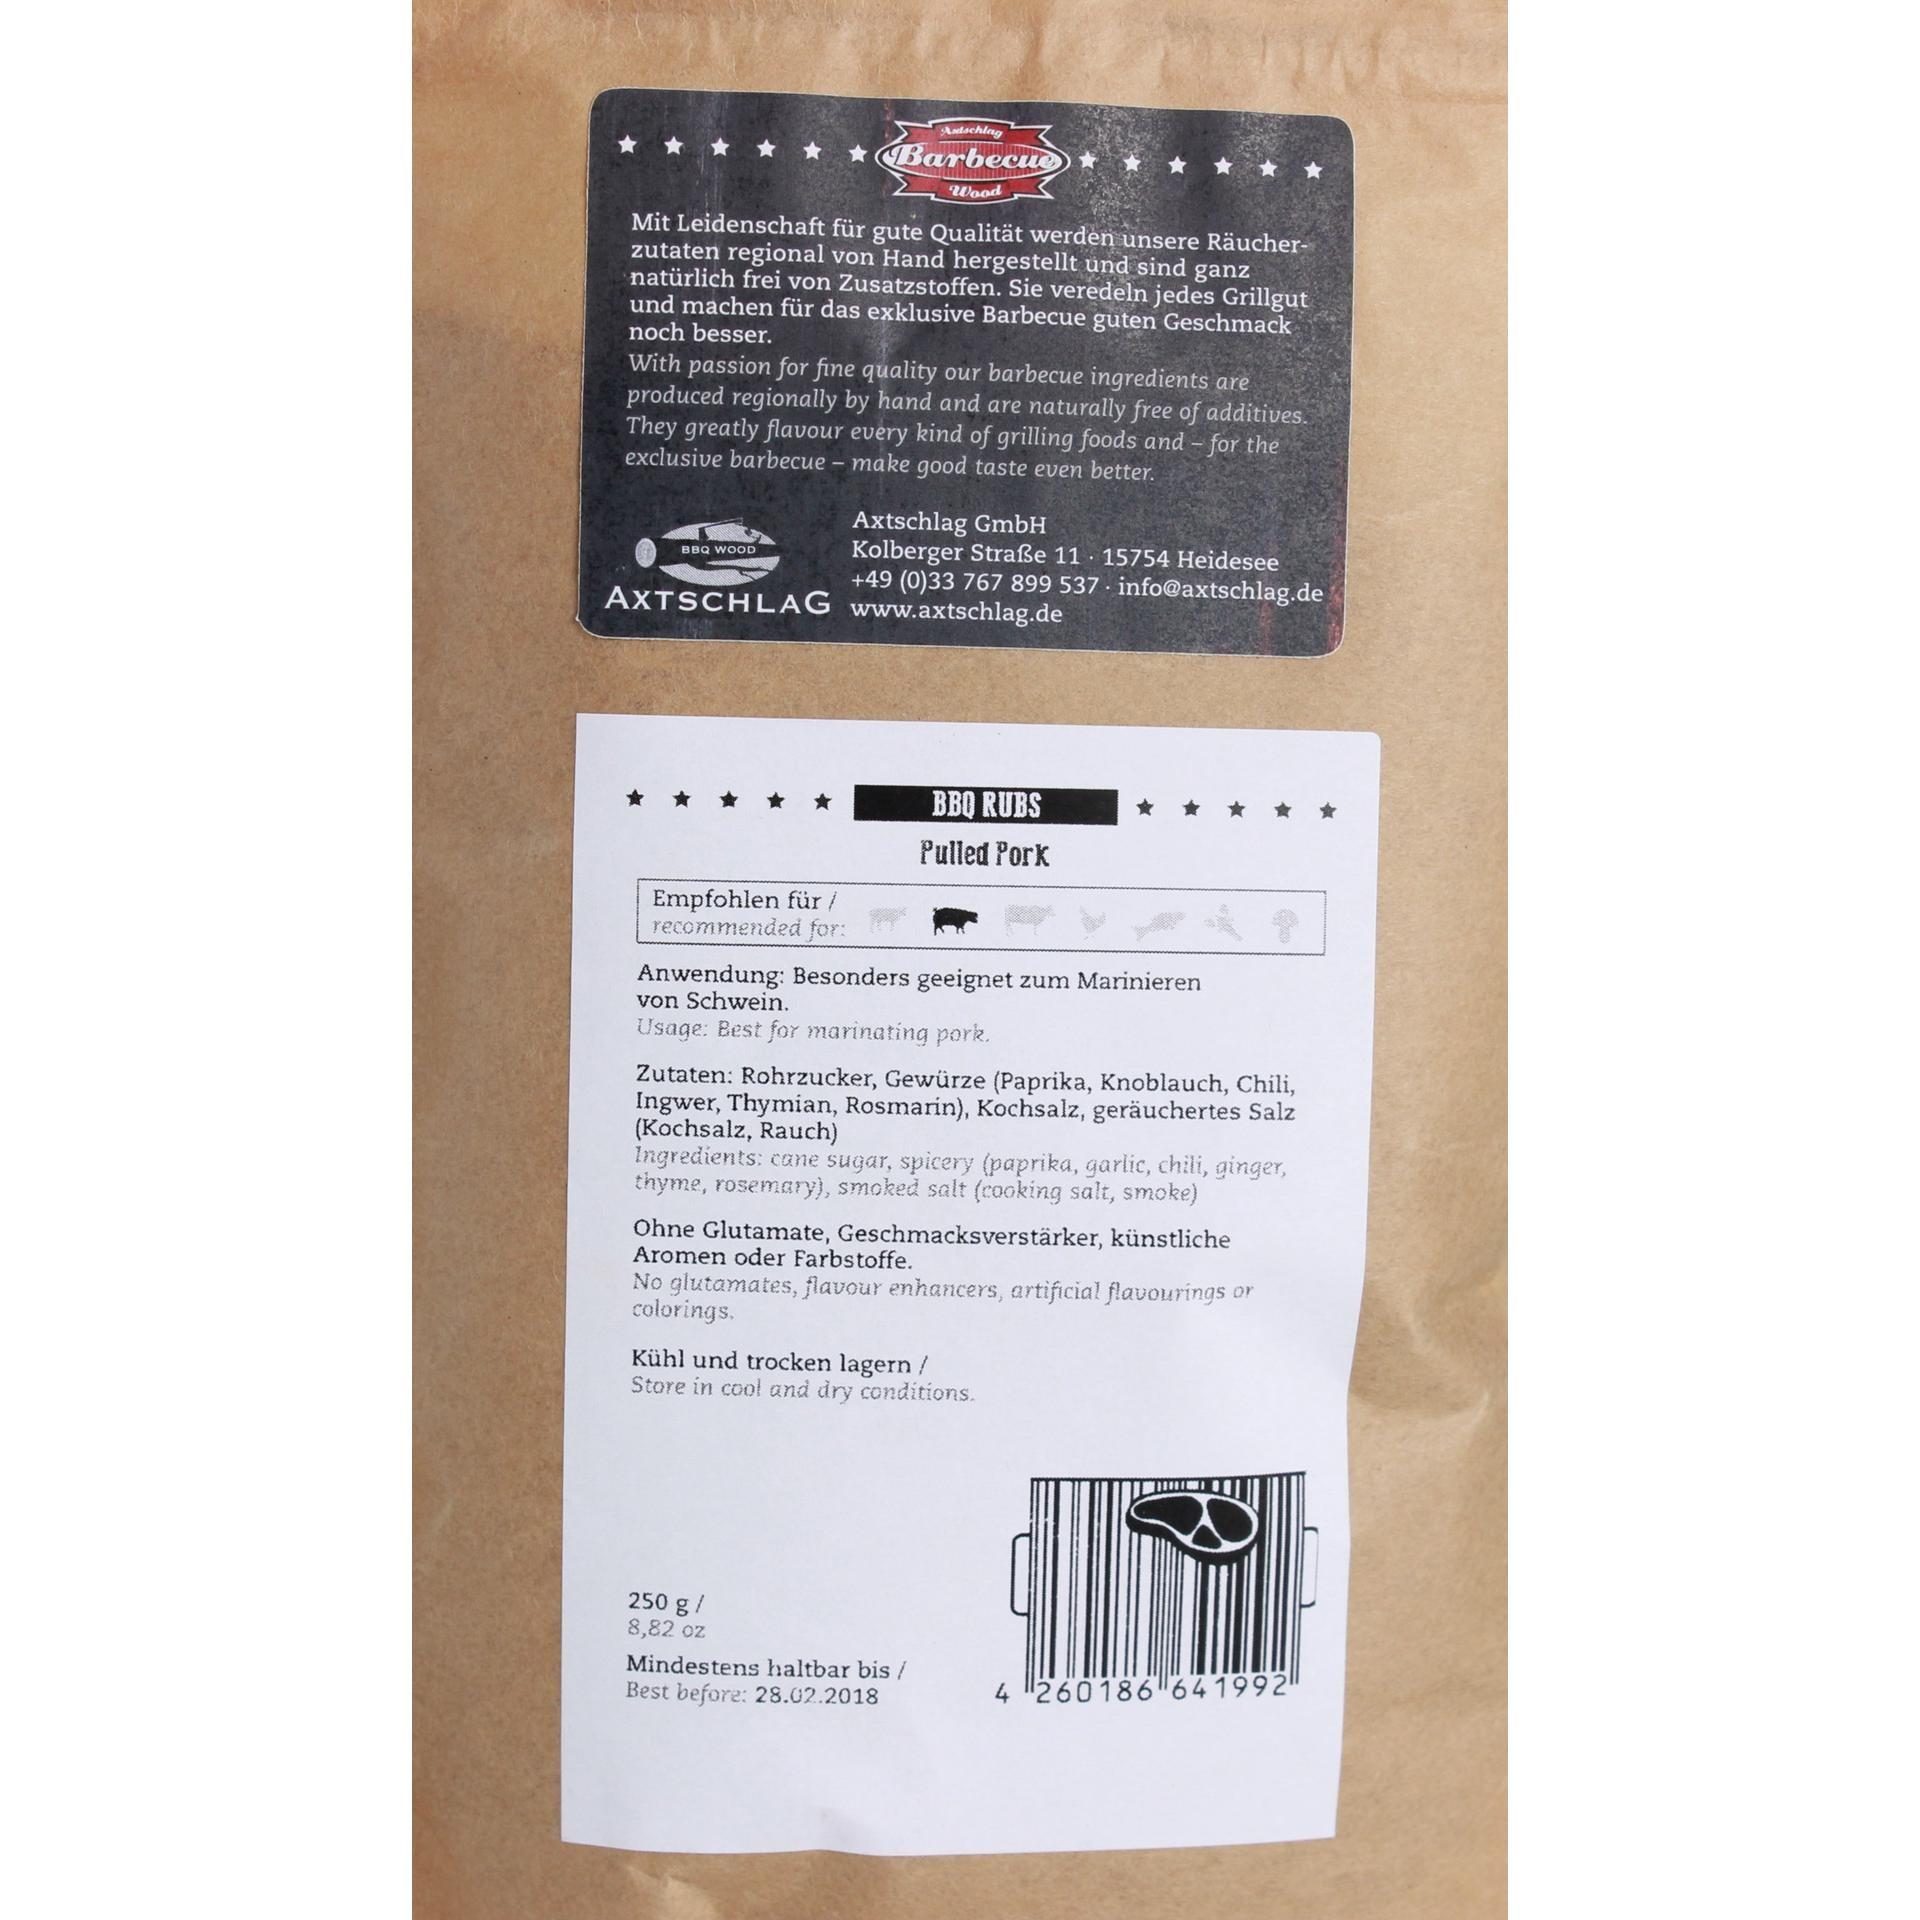 Axtschlag Barbecue Wood - Pulled Pork BBQ Rubs Gewürzmischung - 250g